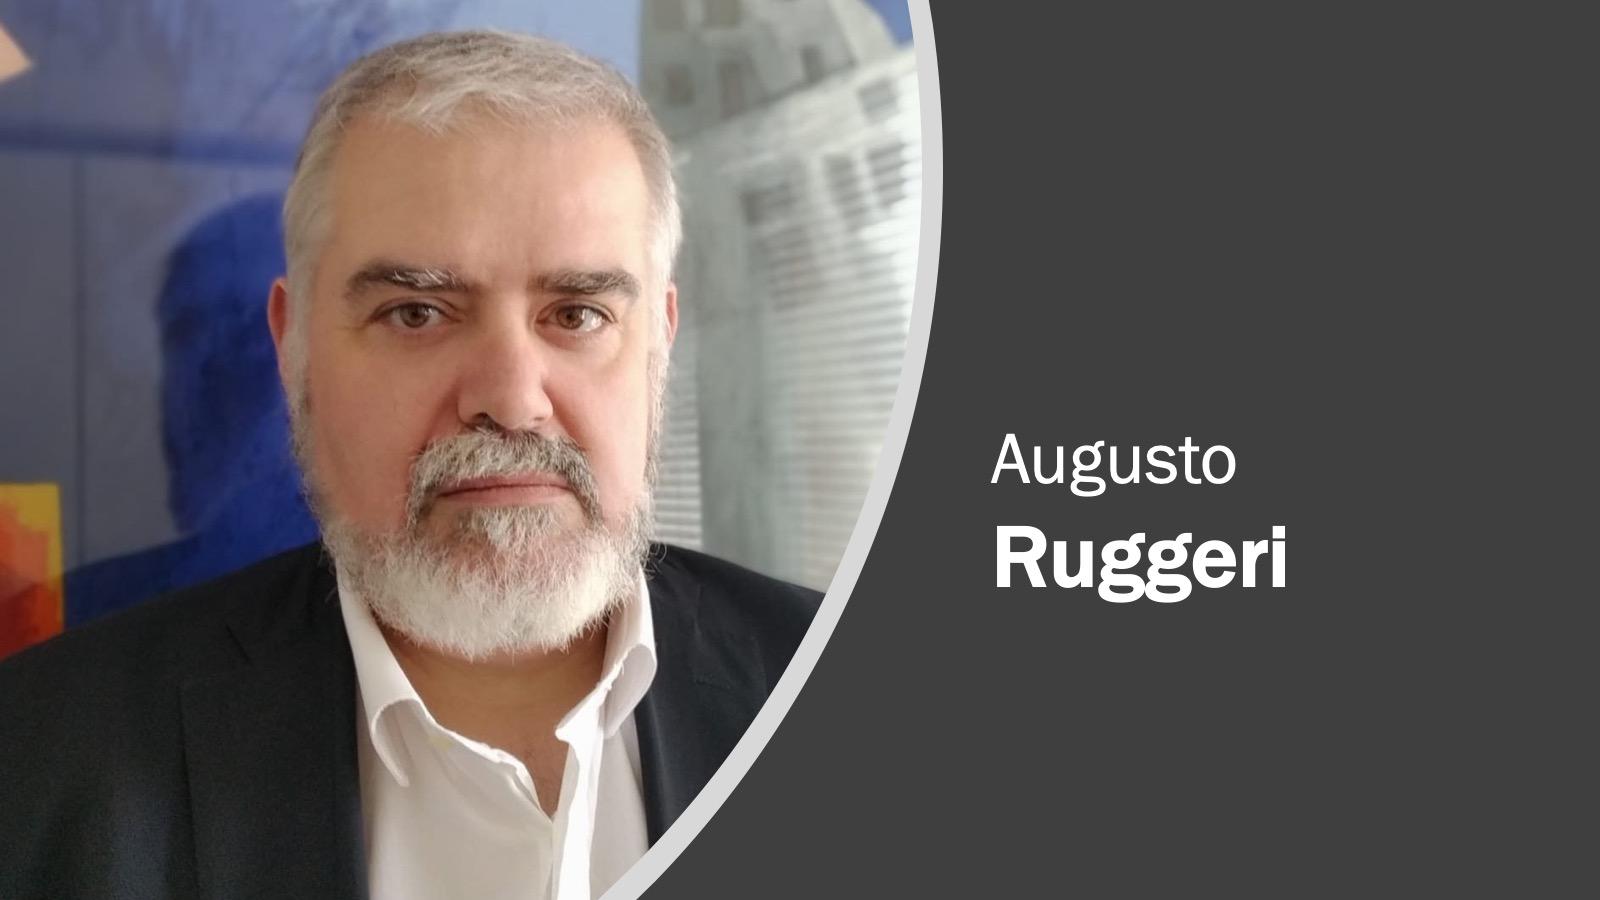 augustoruggeri